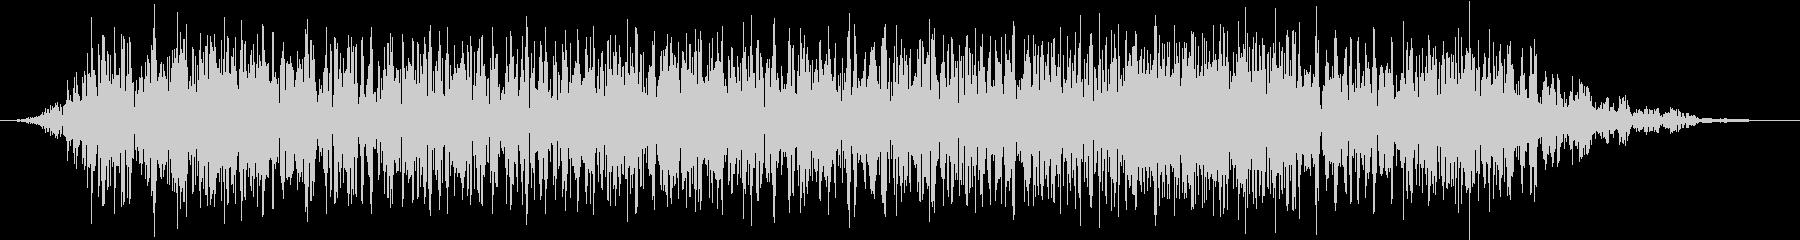 モンスター 悲鳴 49の未再生の波形